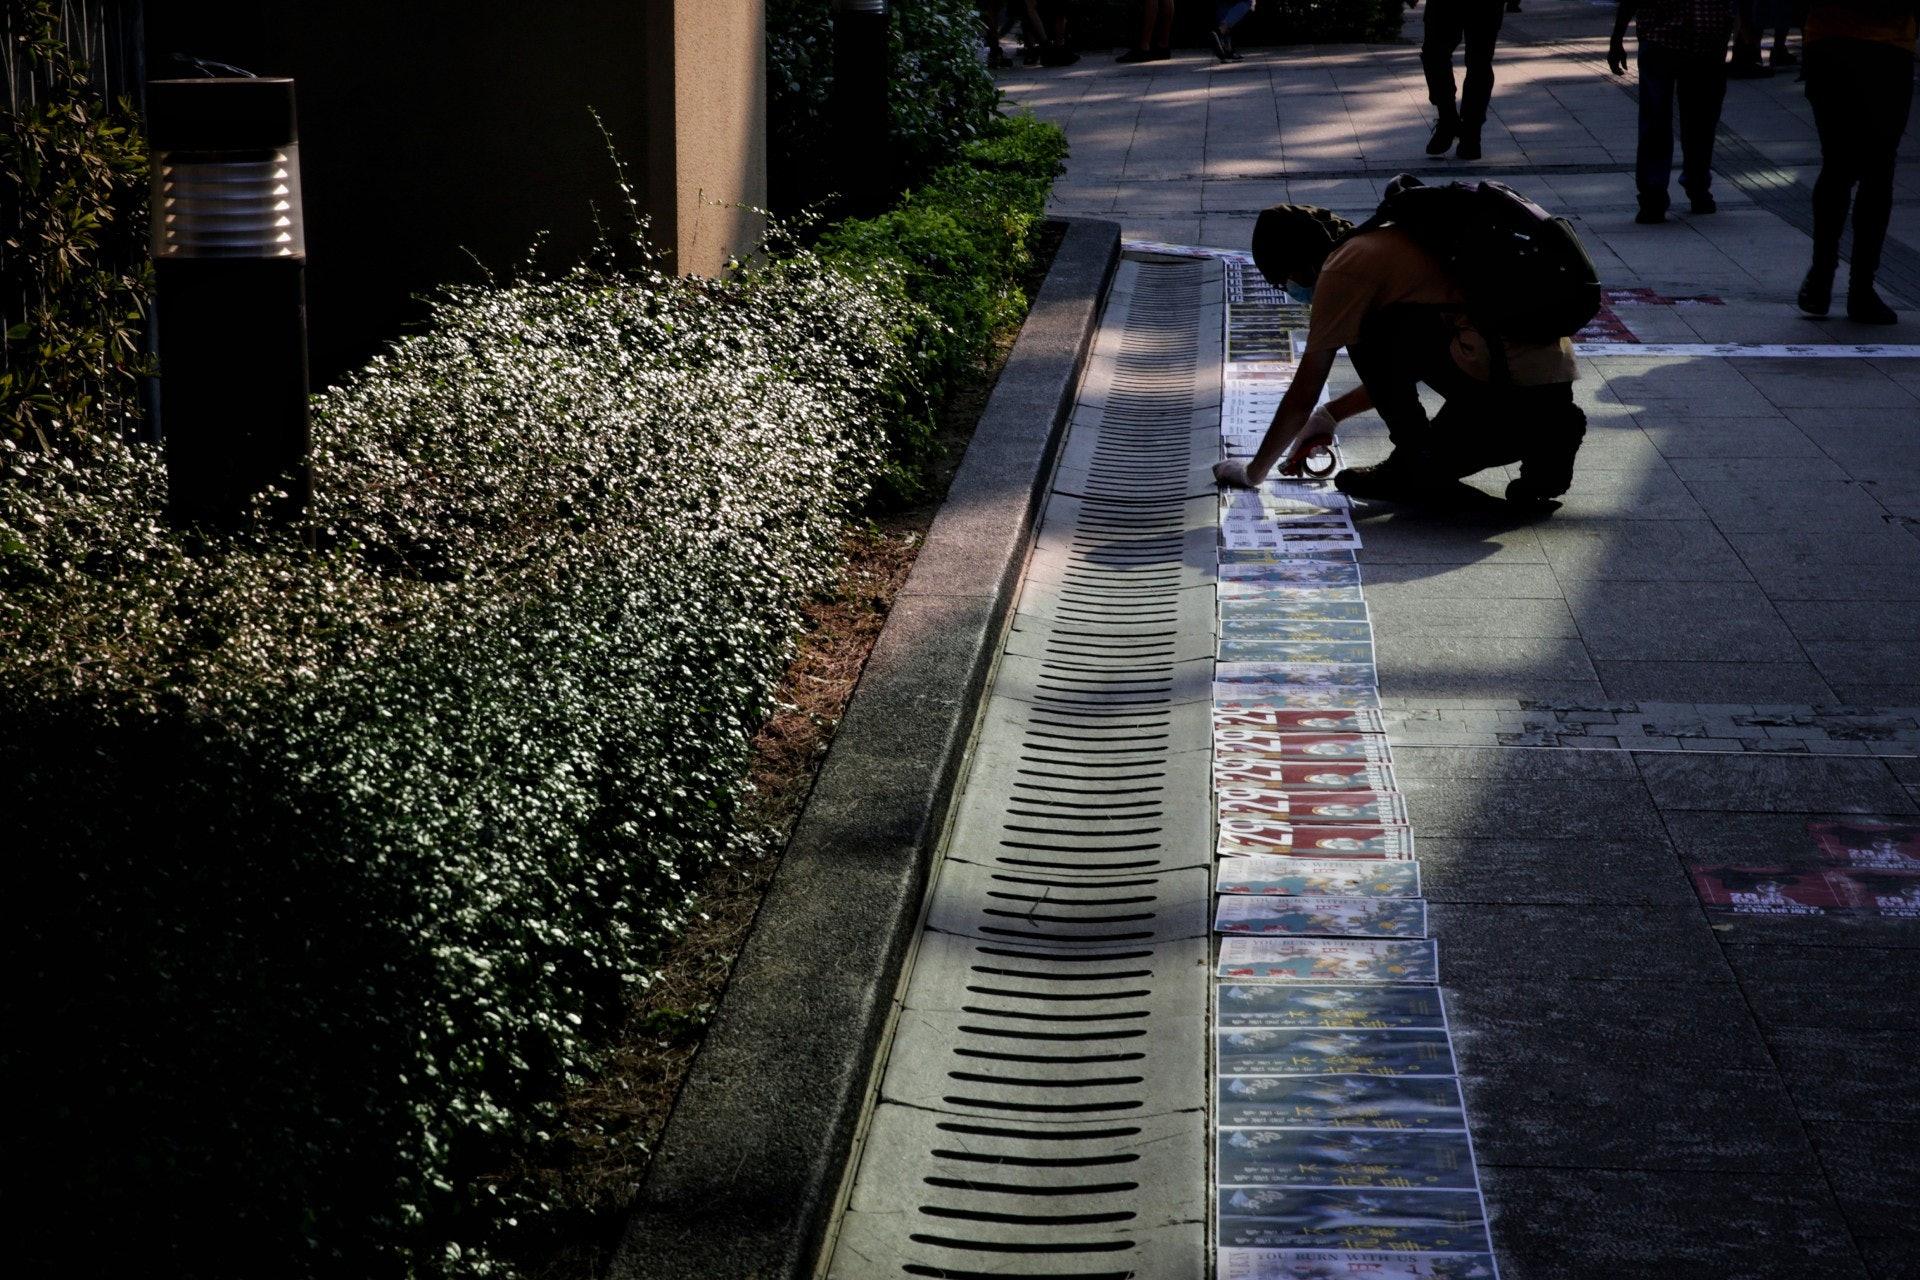 約下午3至4時,已有年青人在金鐘聚集,在地上貼上宣傳海報,形成一條連儂路。(梁鵬威攝)